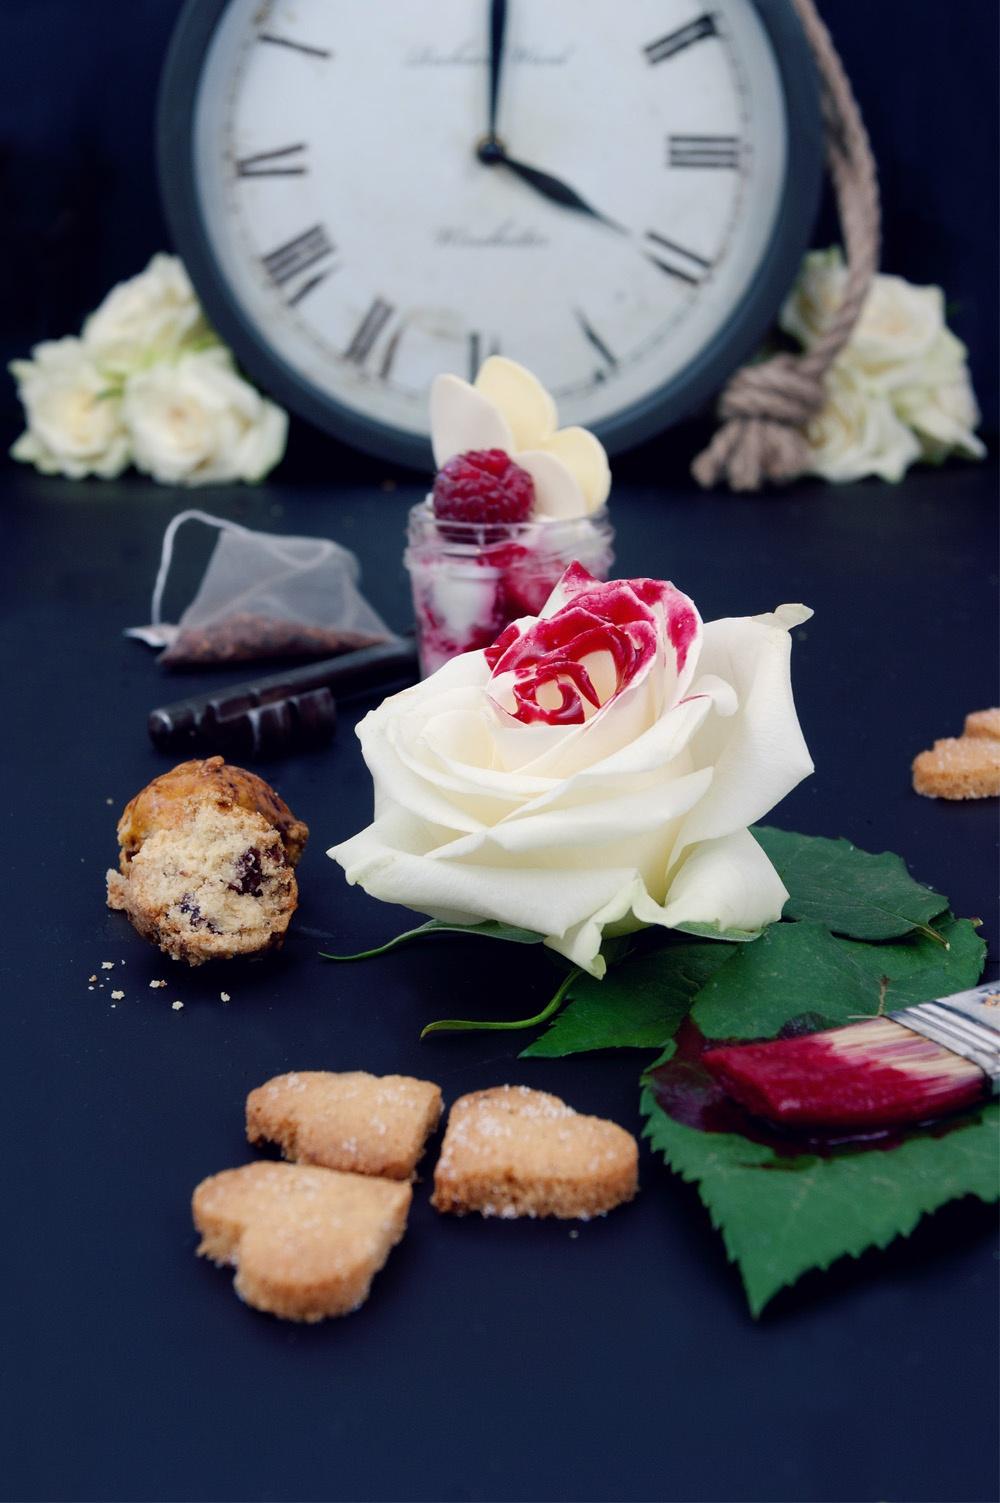 Tea Time in wonderland 2 - Qui a volé les tartes - Studio 2 création